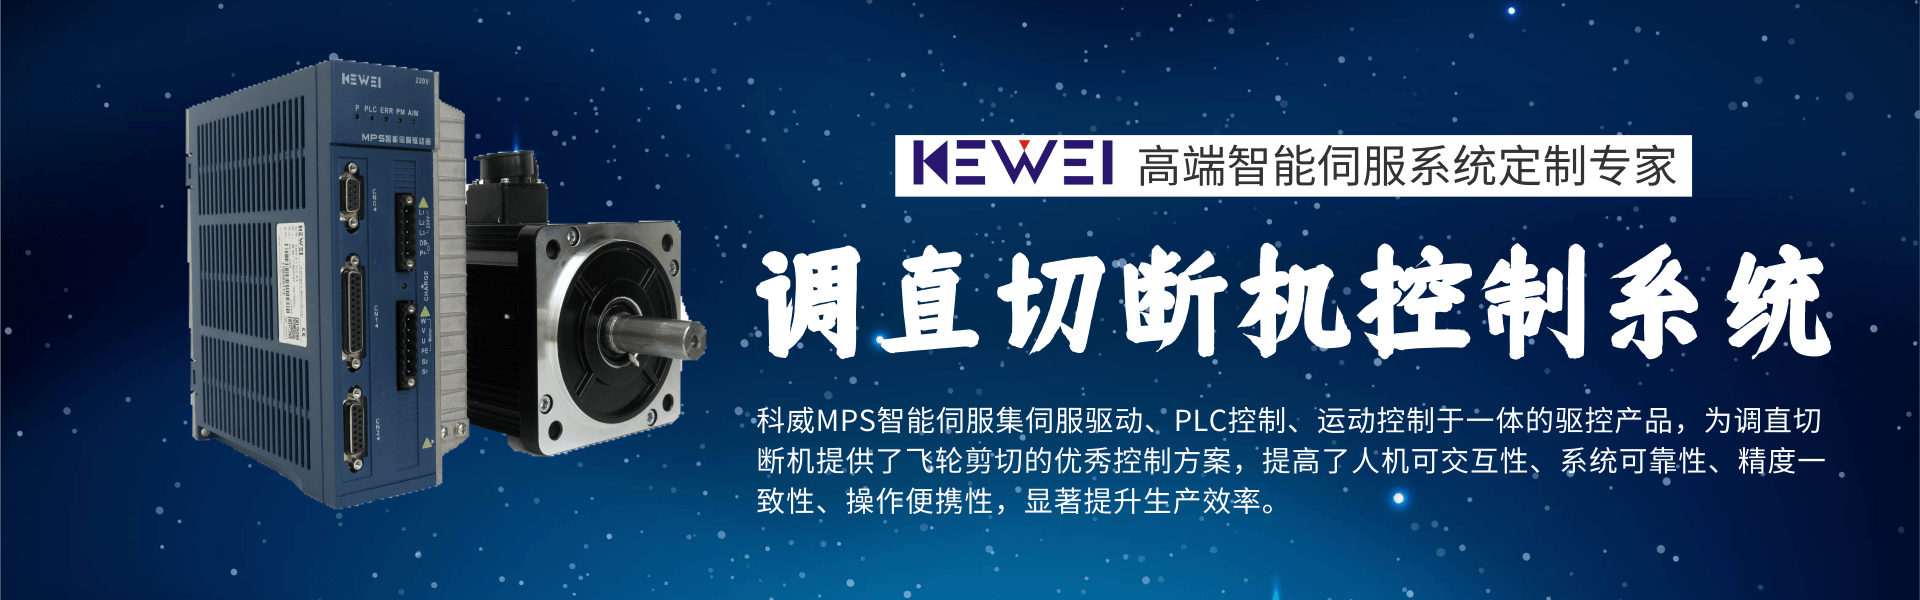 KEWEI科威智能伺服在调直切断机控制系统中的应用